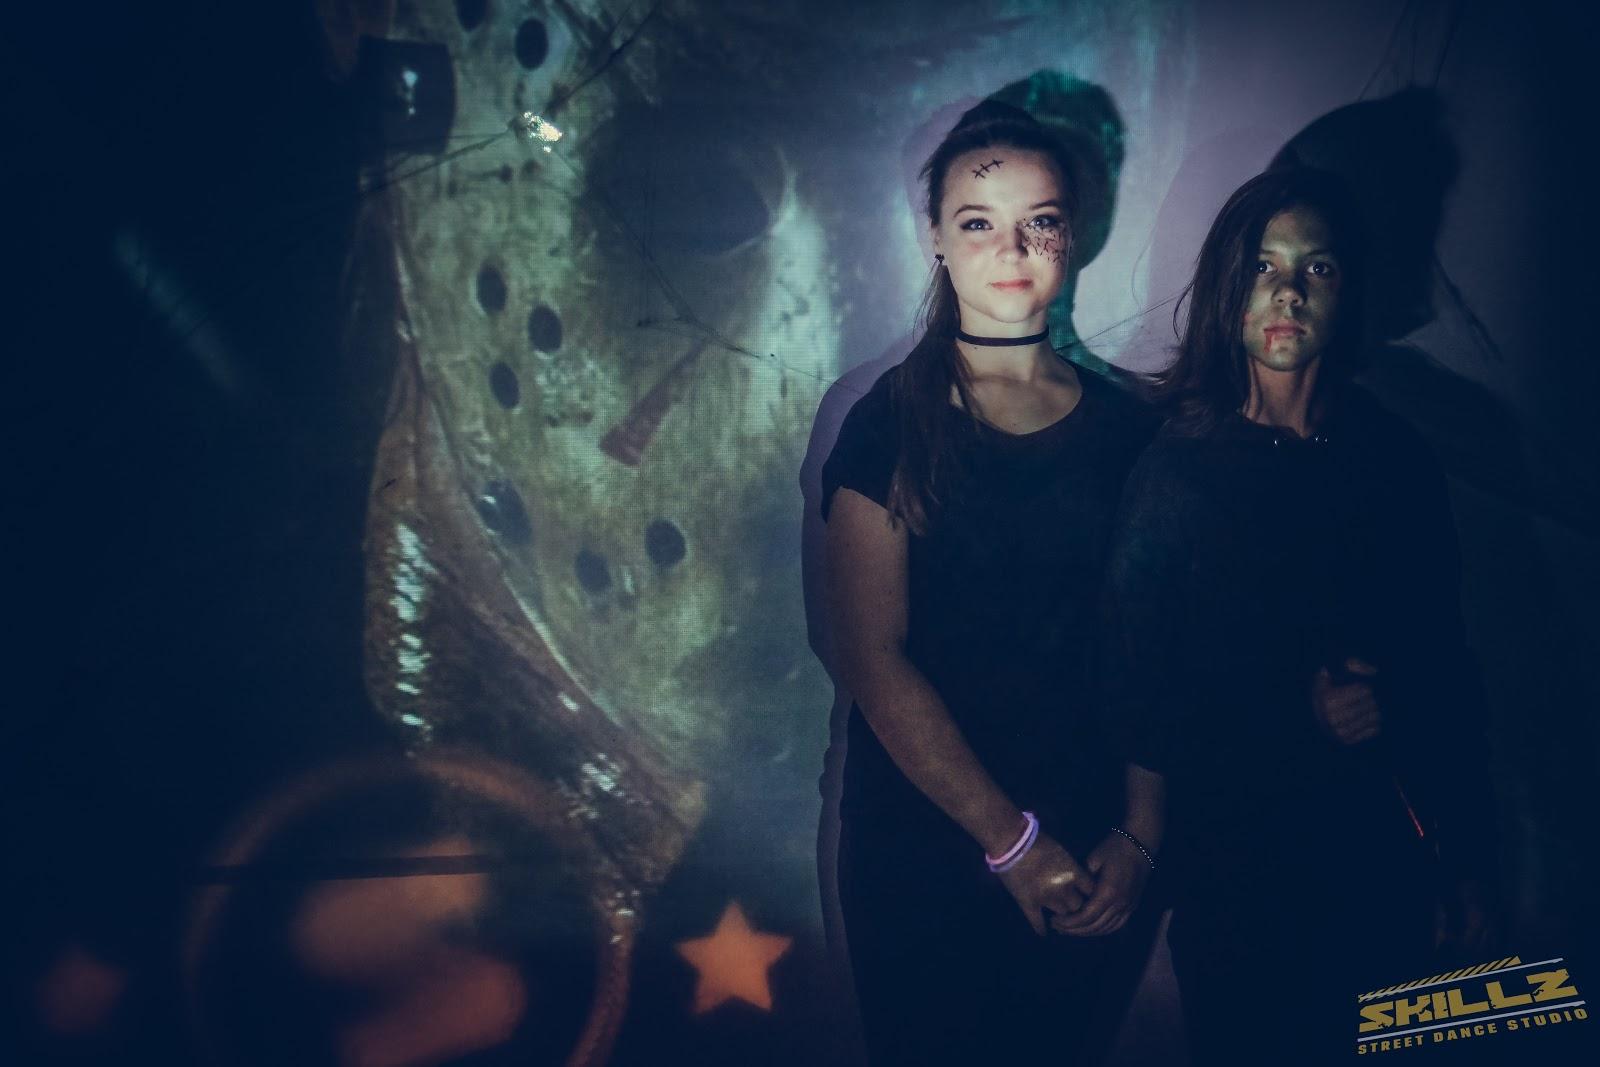 Naujikų krikštynos @SKILLZ (Halloween tema) - PANA1539.jpg